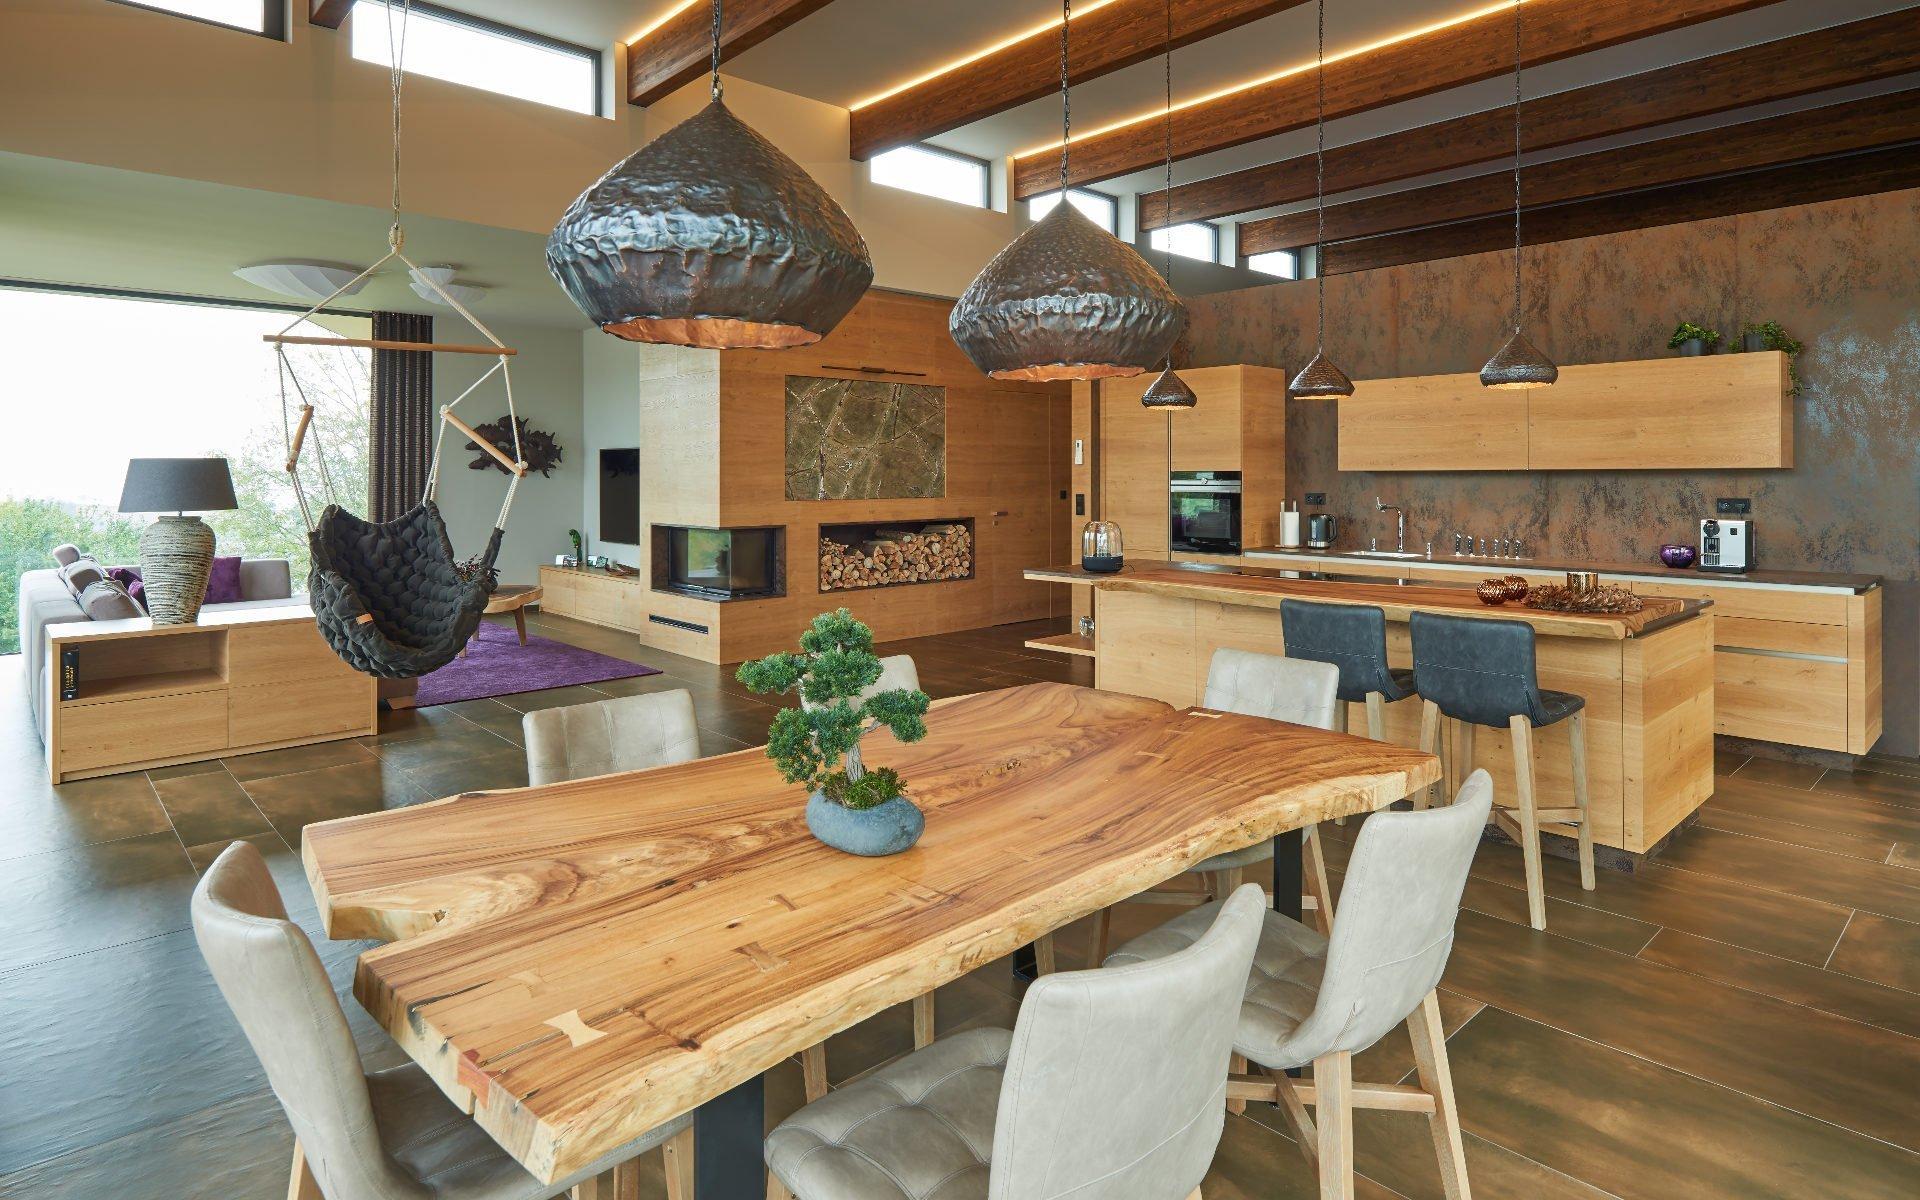 Krásný dům situovaný v nerušené přírodě.V hlavní roli tétorealizace je zvolený materiál. A todýha dub rustikální přírodní s jemnou strukturou…